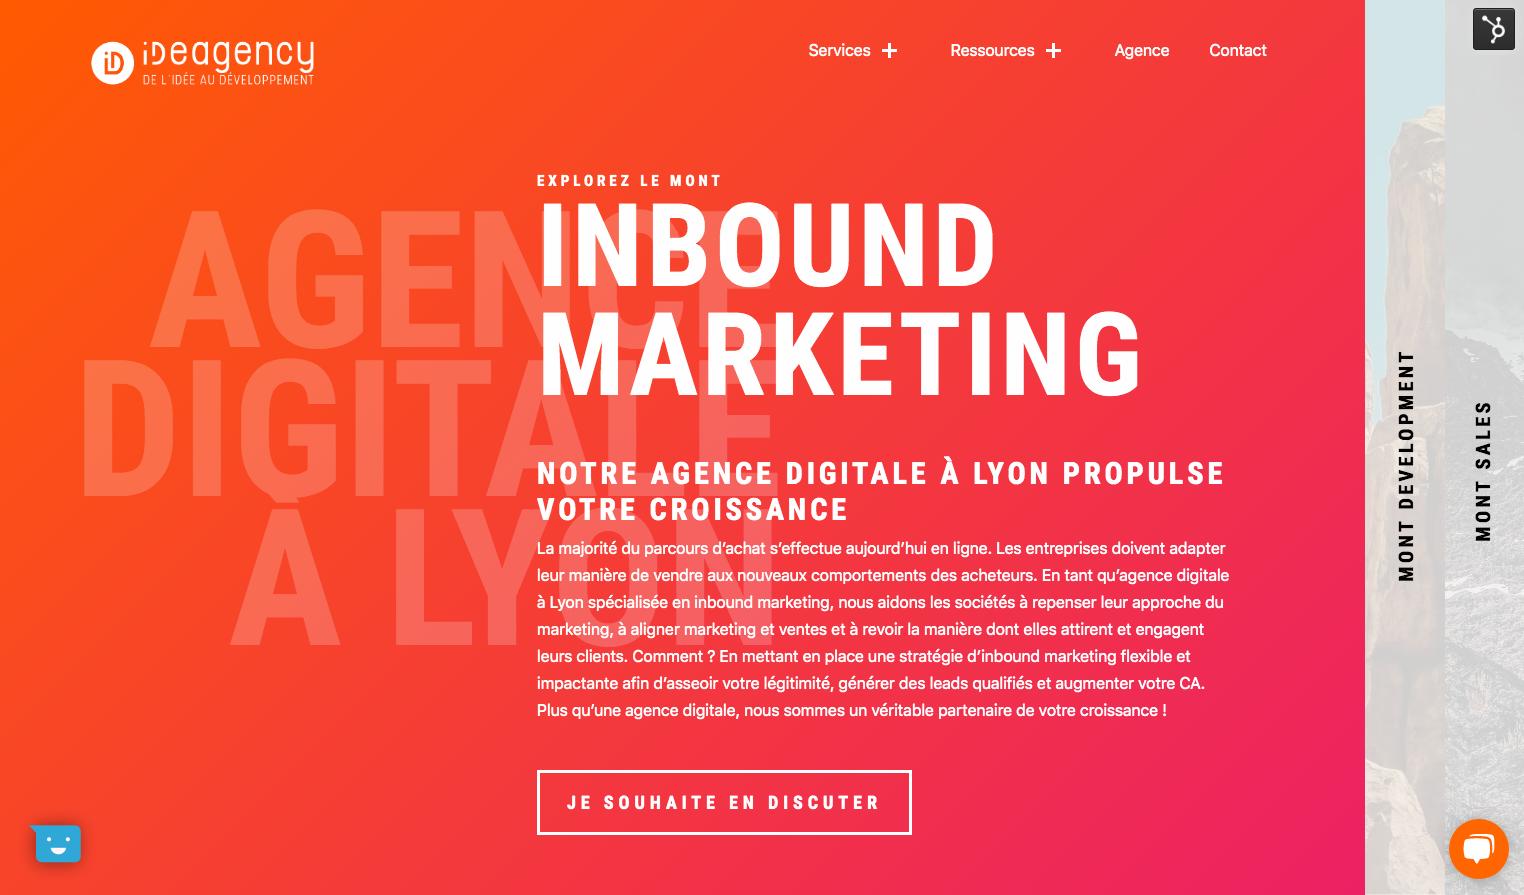 Page-service-inbound-marketing-1